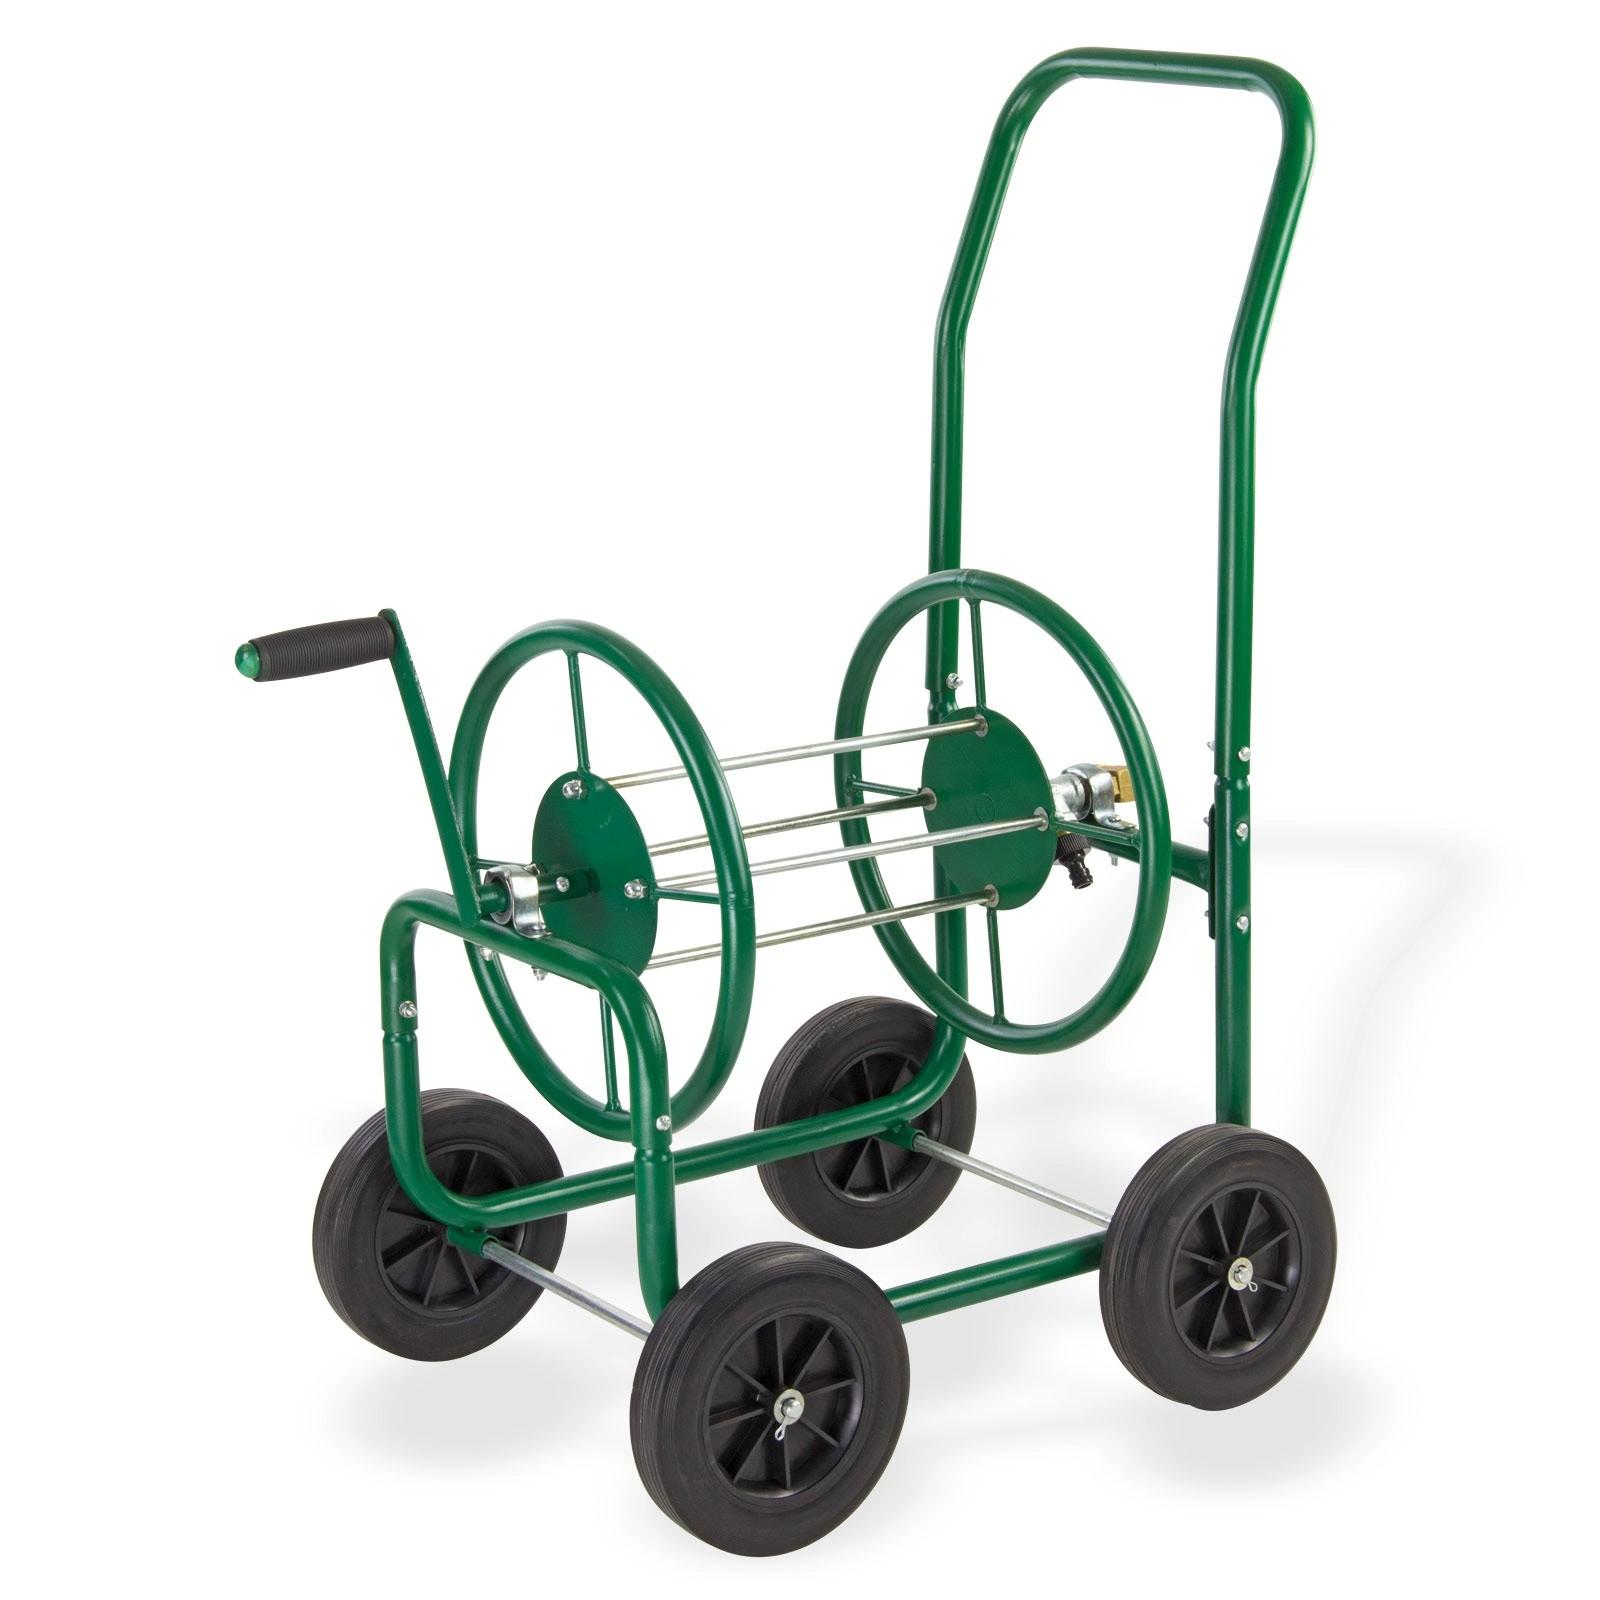 metall schlauchwagen schlauchaufroller xl sw90 ohne gartenschlauch. Black Bedroom Furniture Sets. Home Design Ideas